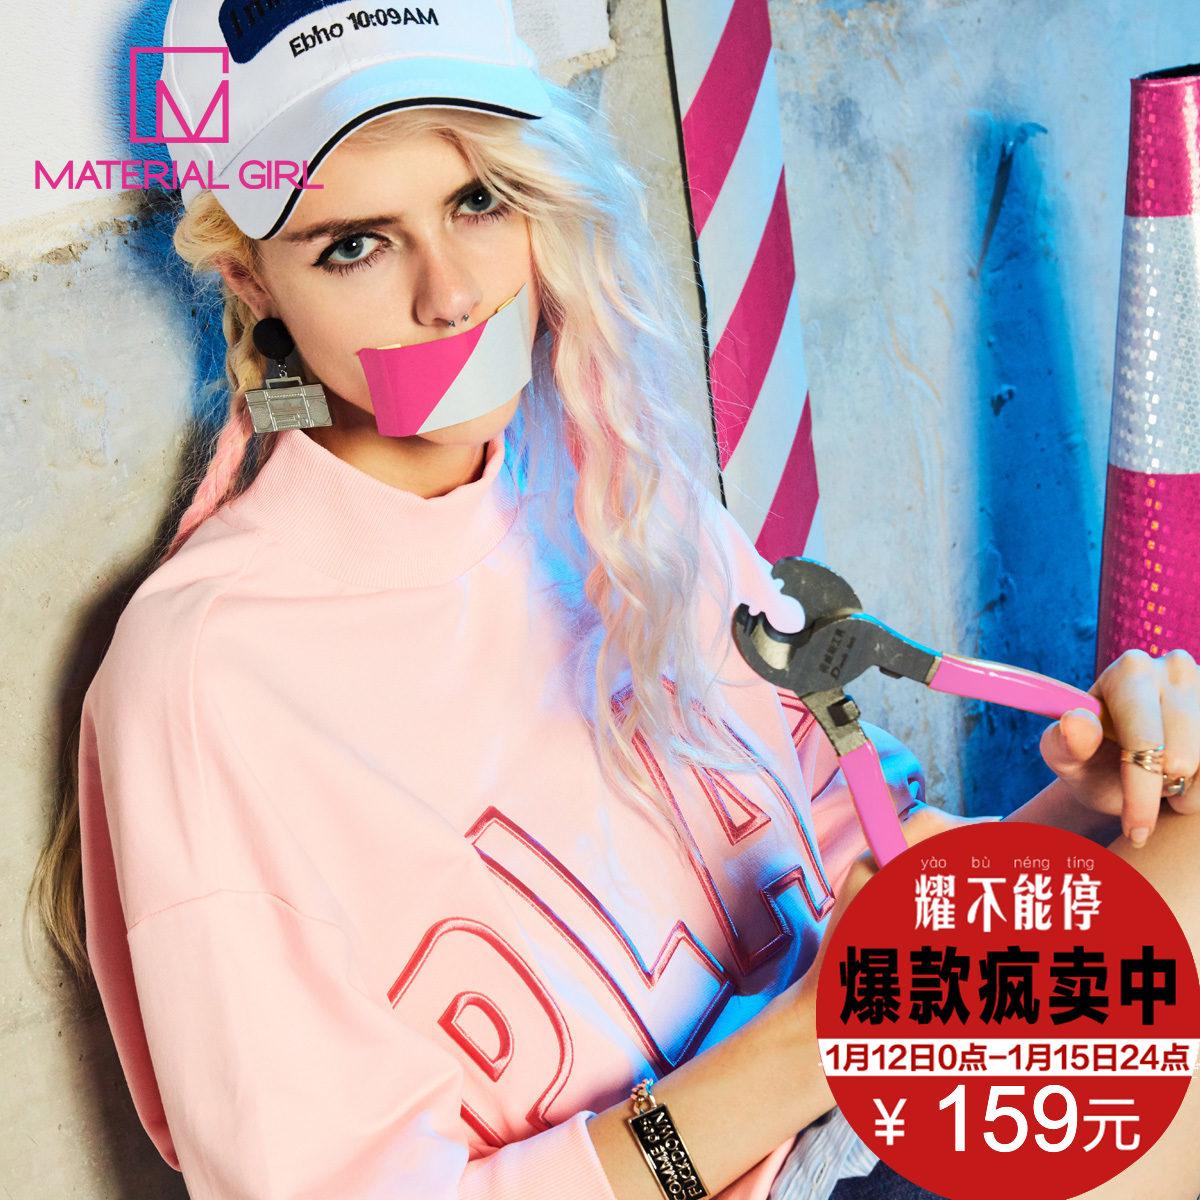 预售2016冬装新款粉色小高领宽松休闲卫衣 纯色字母上衣长袖 女